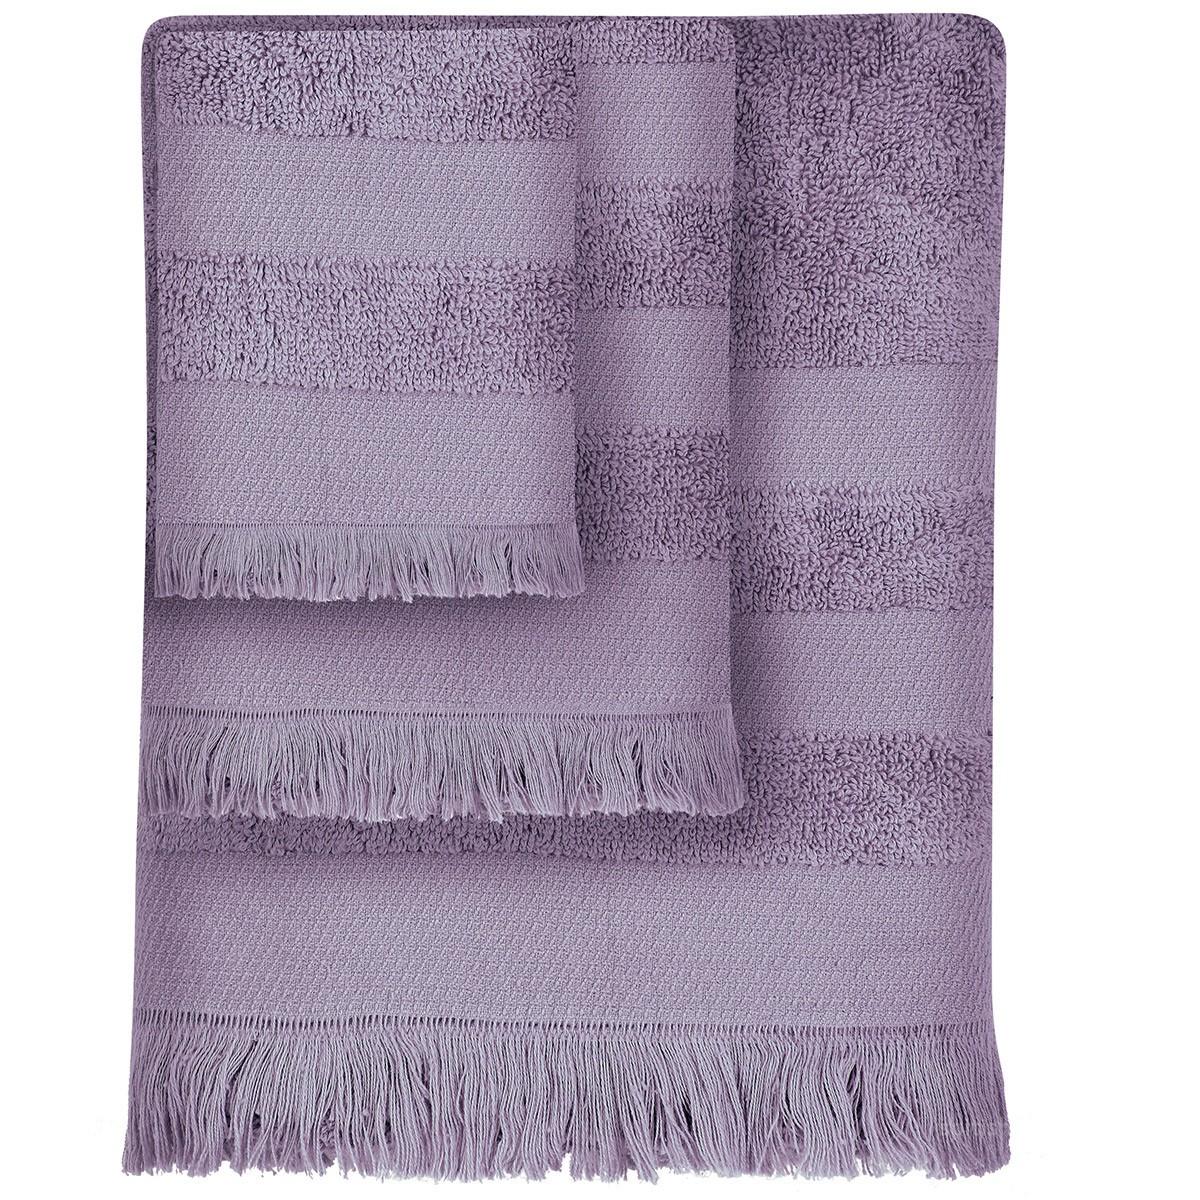 Πετσέτες Μπάνιου (Σετ 3τμχ) Das Home Simple 349